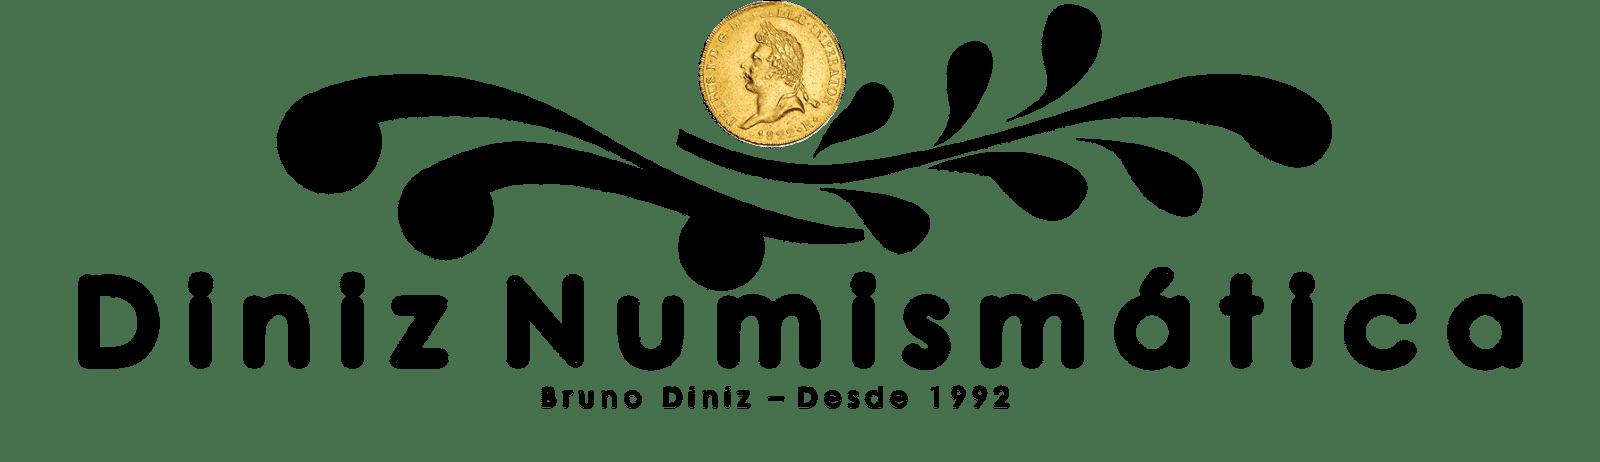 Diniz Numismática - Entre Cédulas Moedas Selos e Histórias